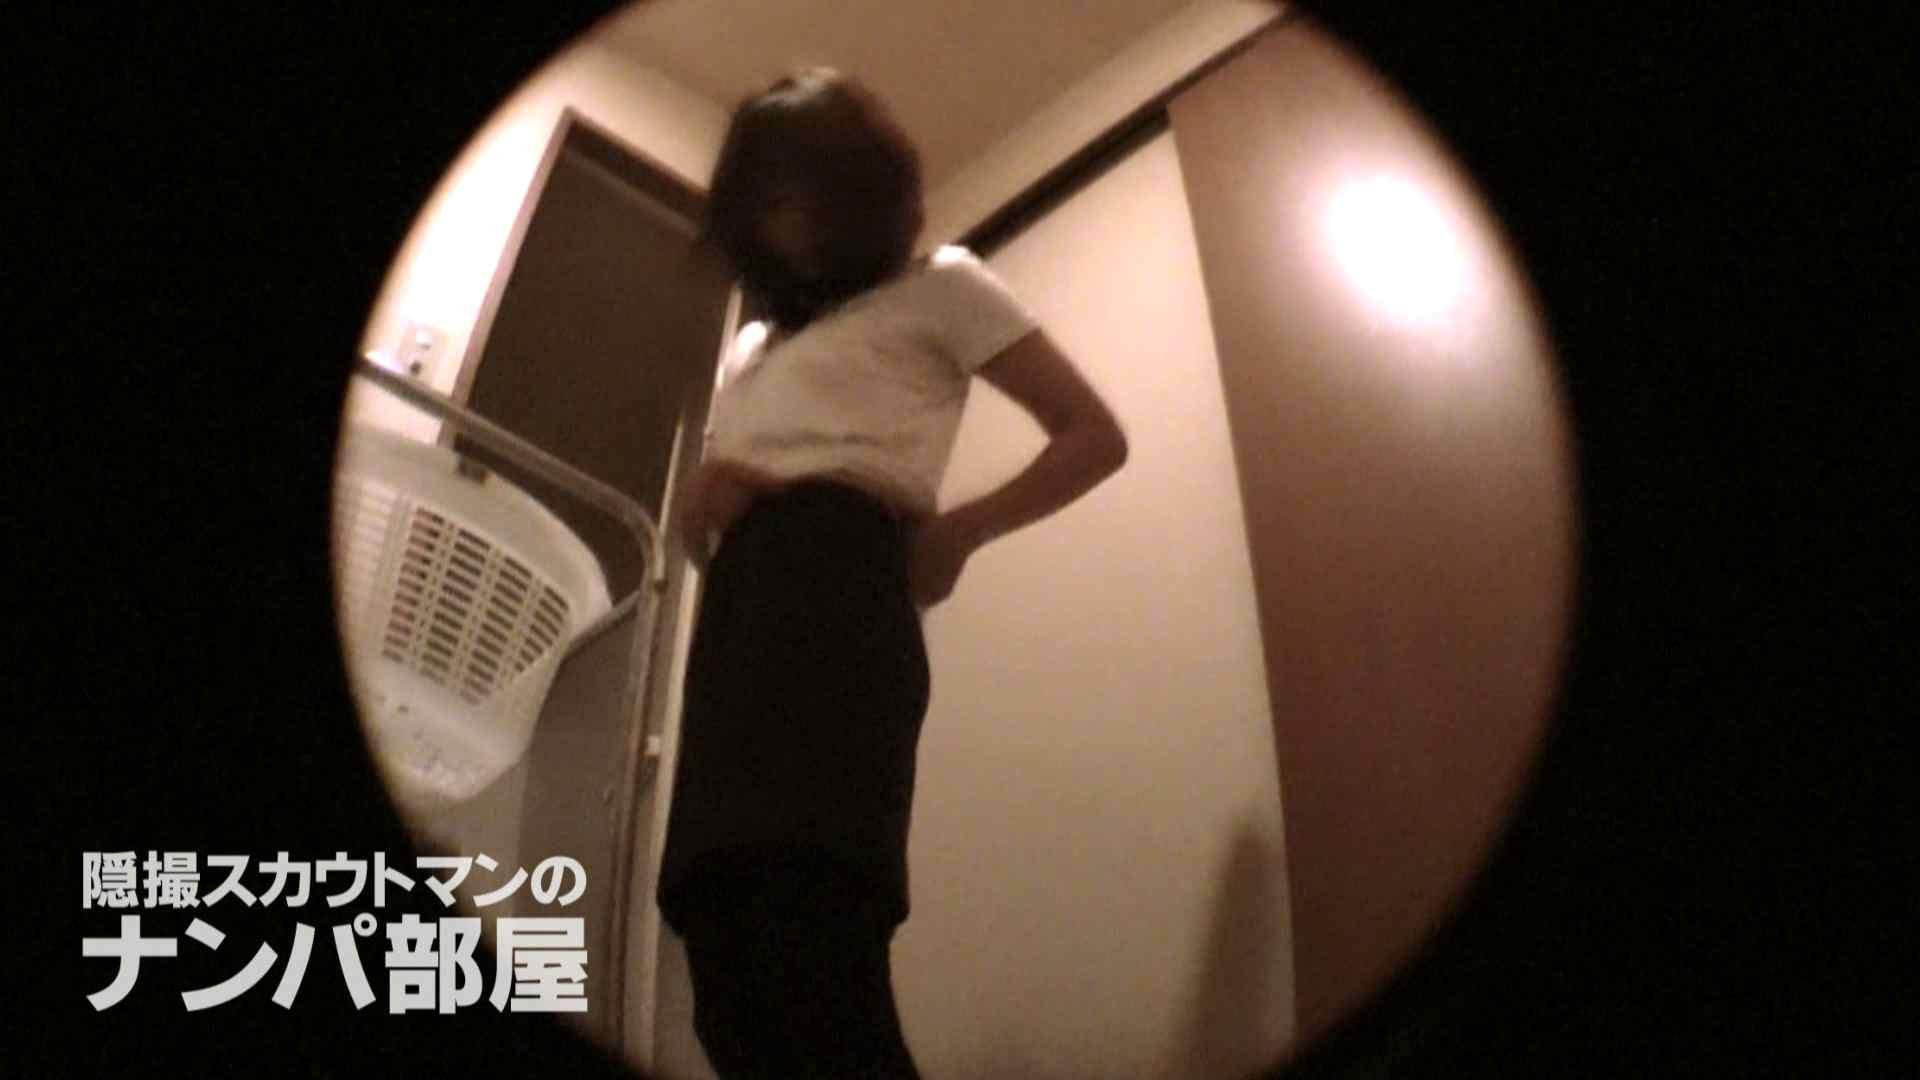 隠撮スカウトマンのナンパ部屋~風俗デビュー前のつまみ食い~ siivol.2 OL裸体 | ナンパ  58画像 21